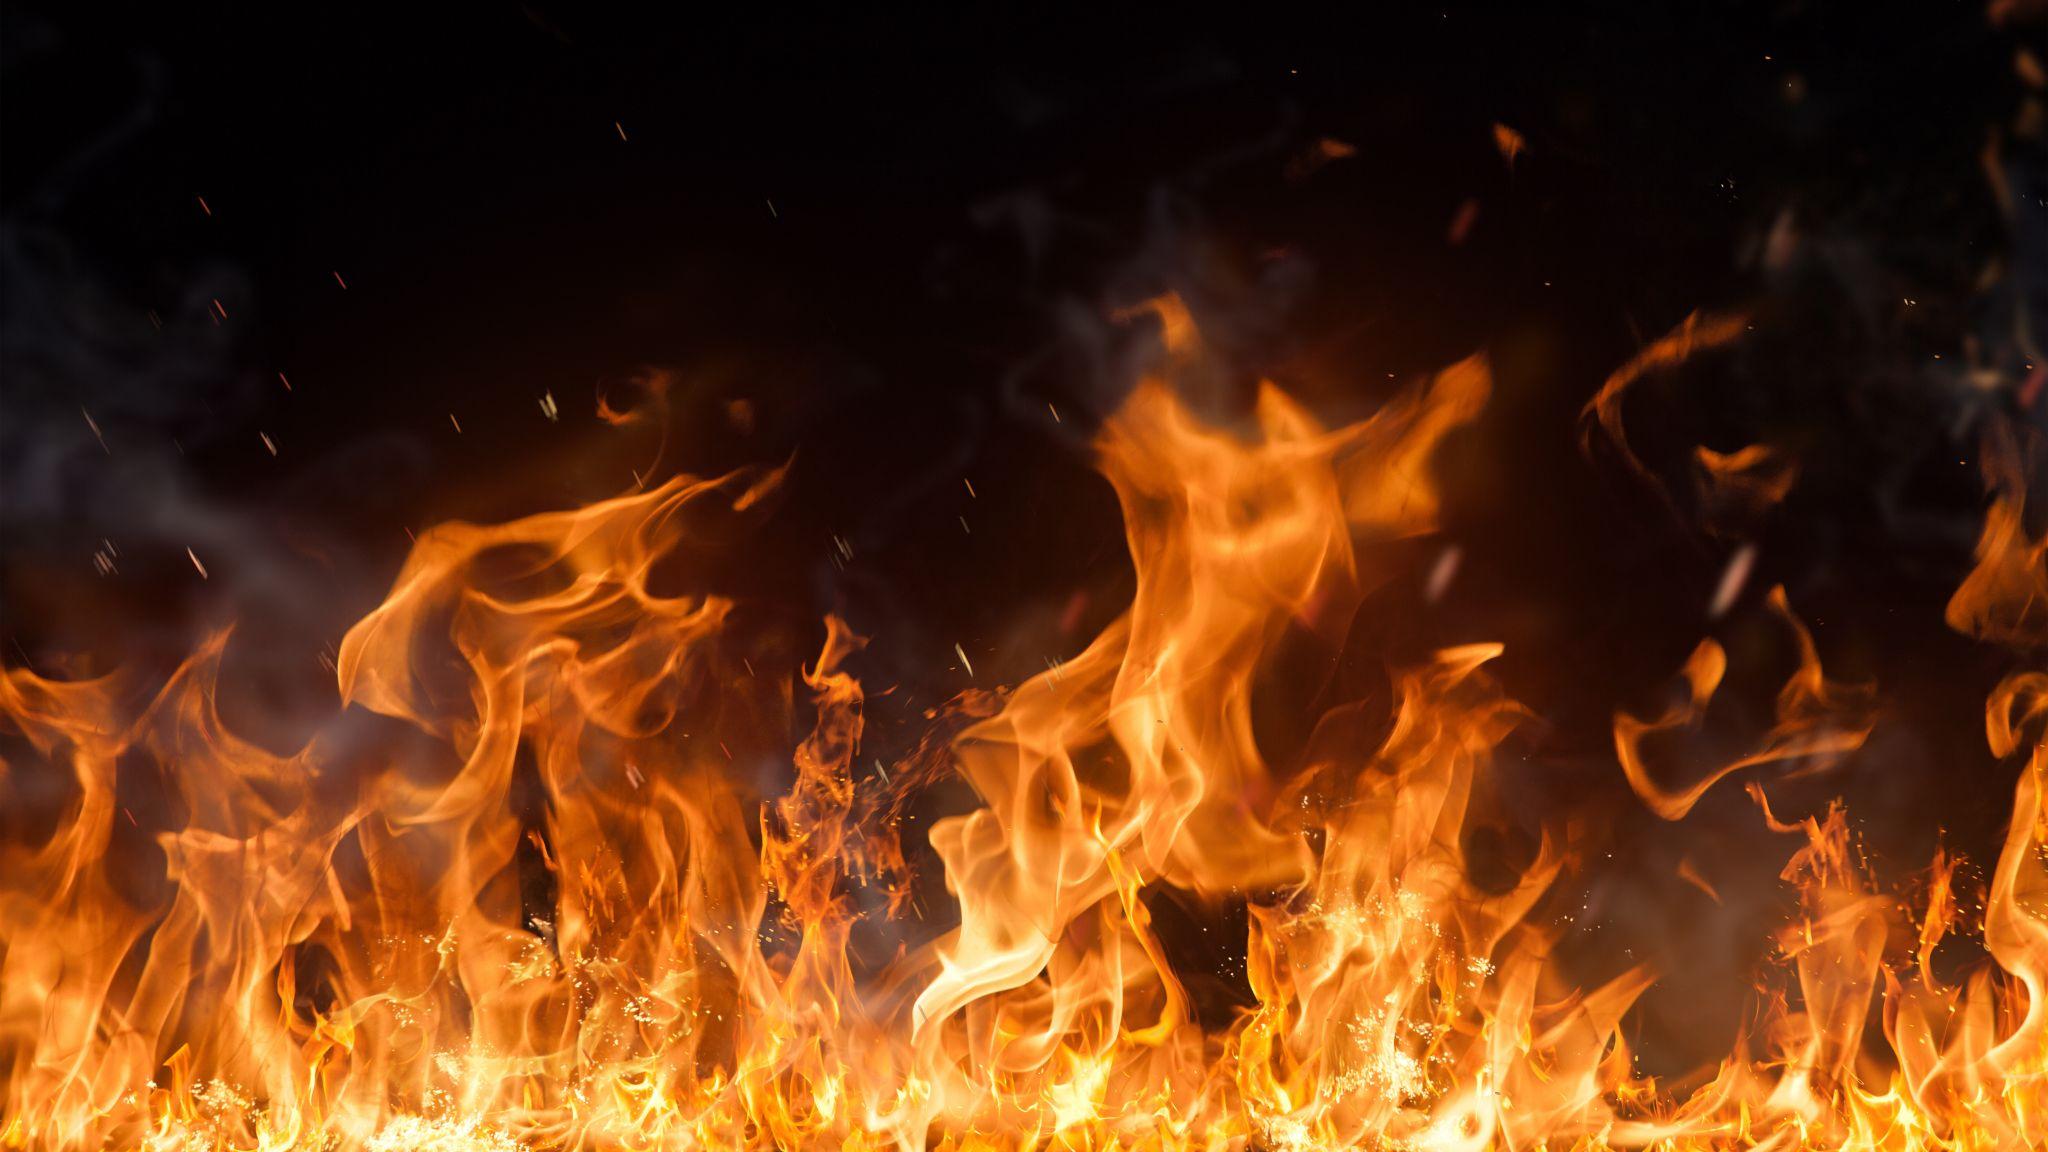 За неделю в Харьковской области утонуло 5 человек, 1 — погиб в огне